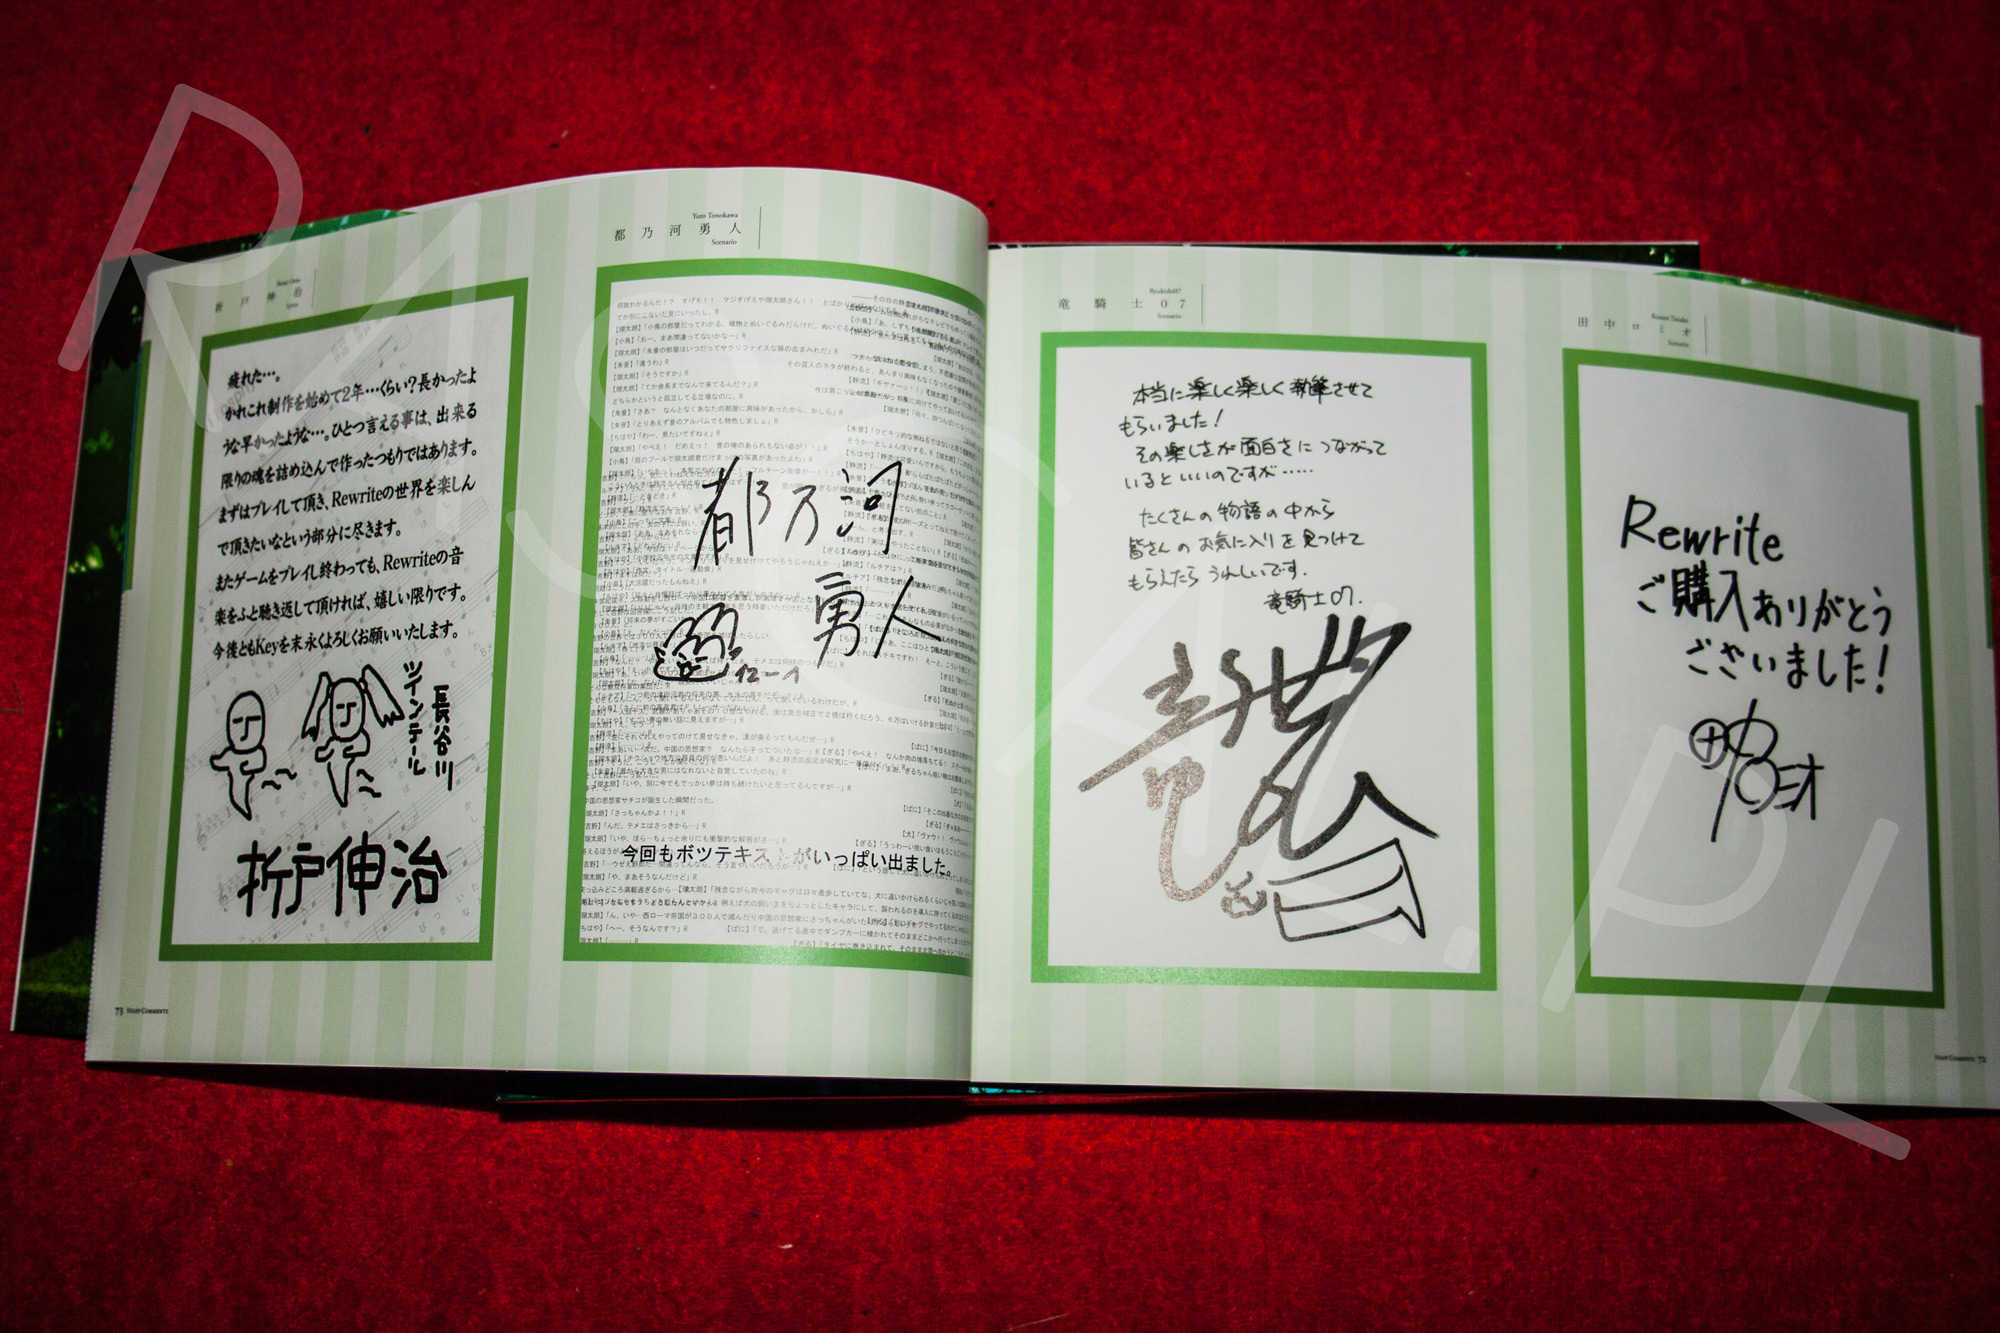 Rewrite - Artbook 005 - Autografy